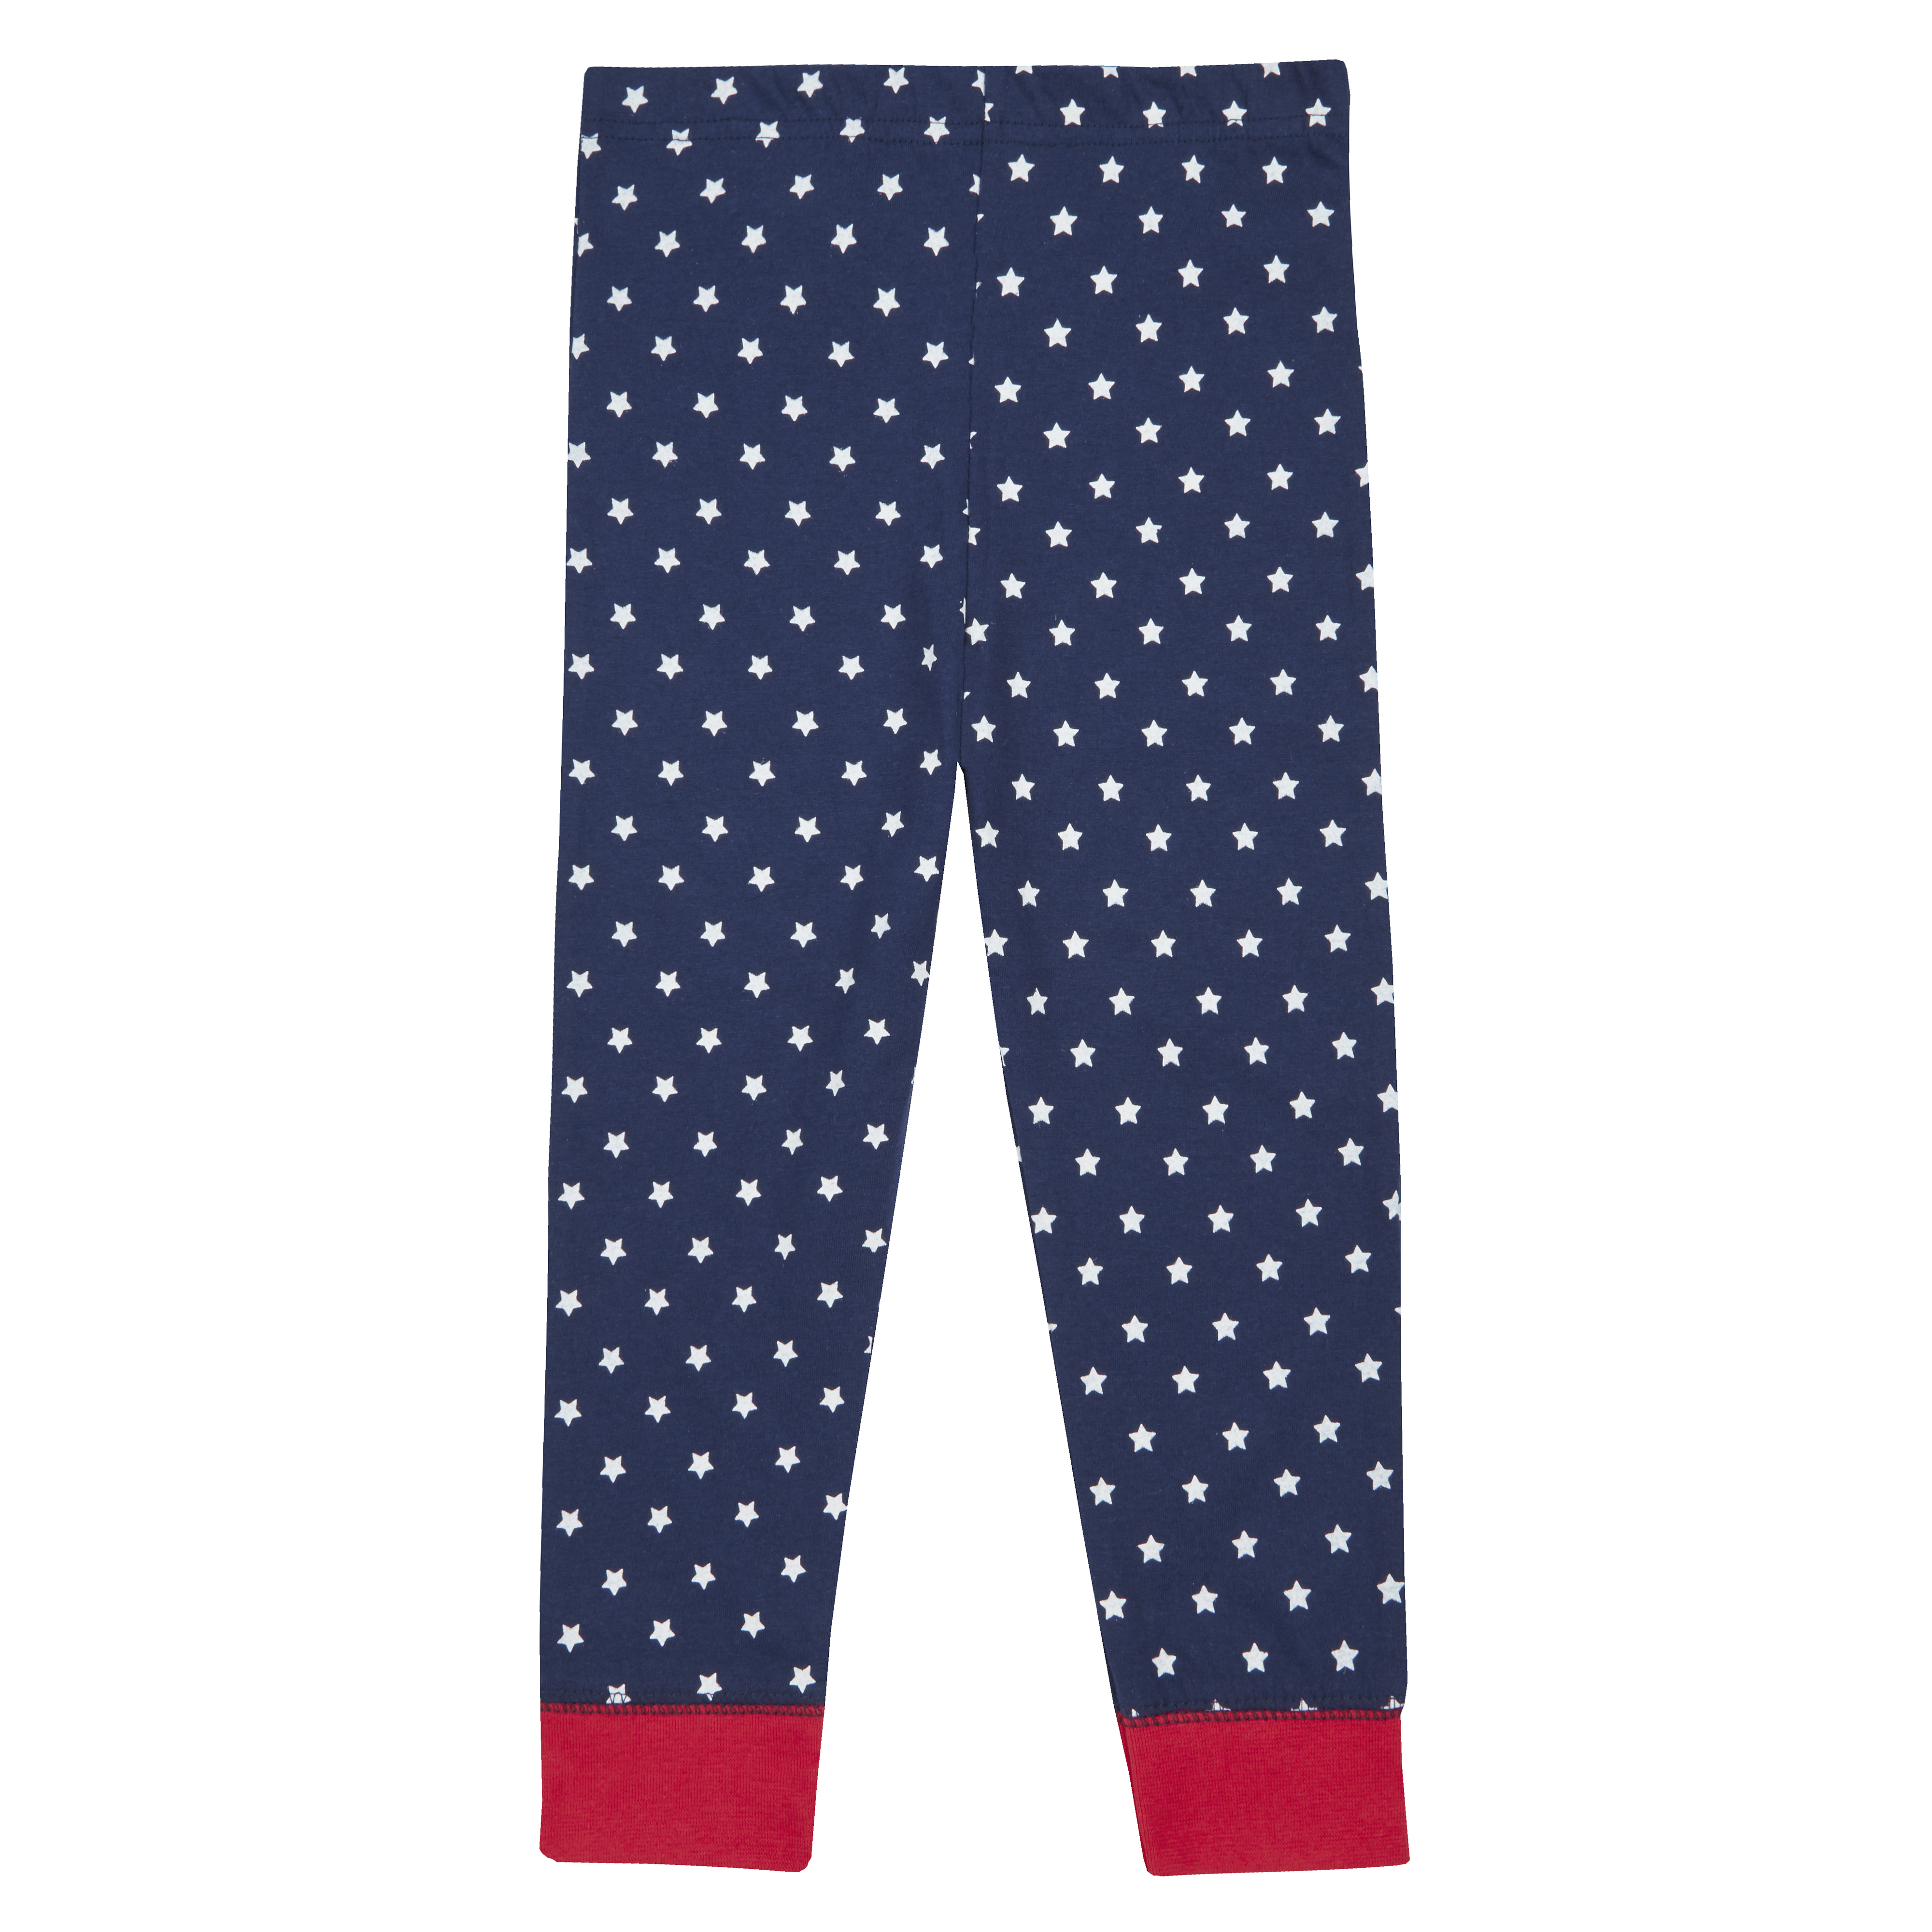 pinguino Albero Regalo Per Bambini Natale Pigiama Set PJ Nightwear Natale Babbo Natale